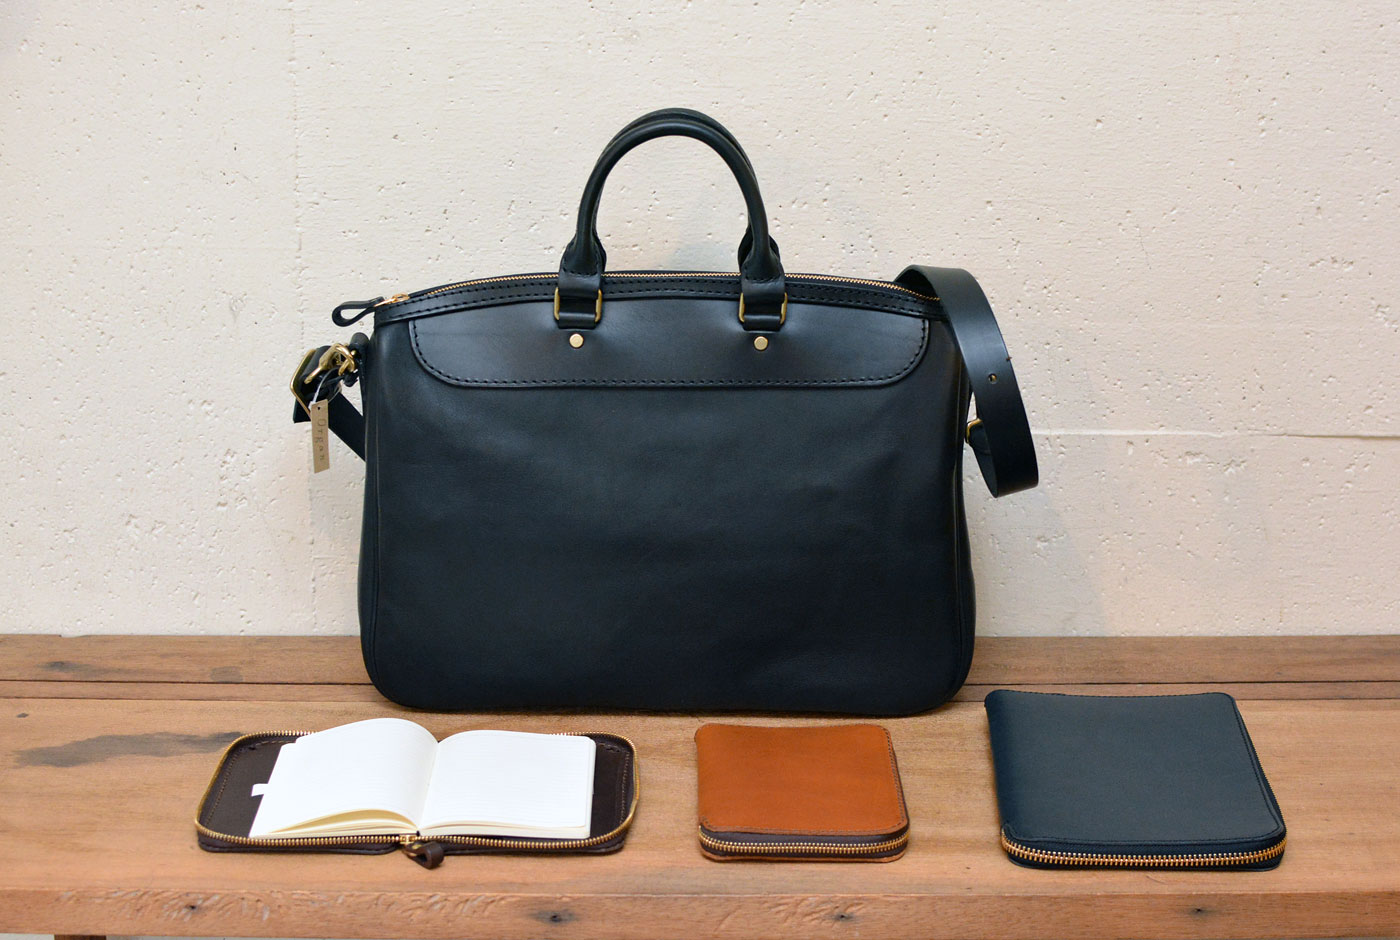 Organでは、仕事に使えるビジネスバッグとブックケースをお勧め